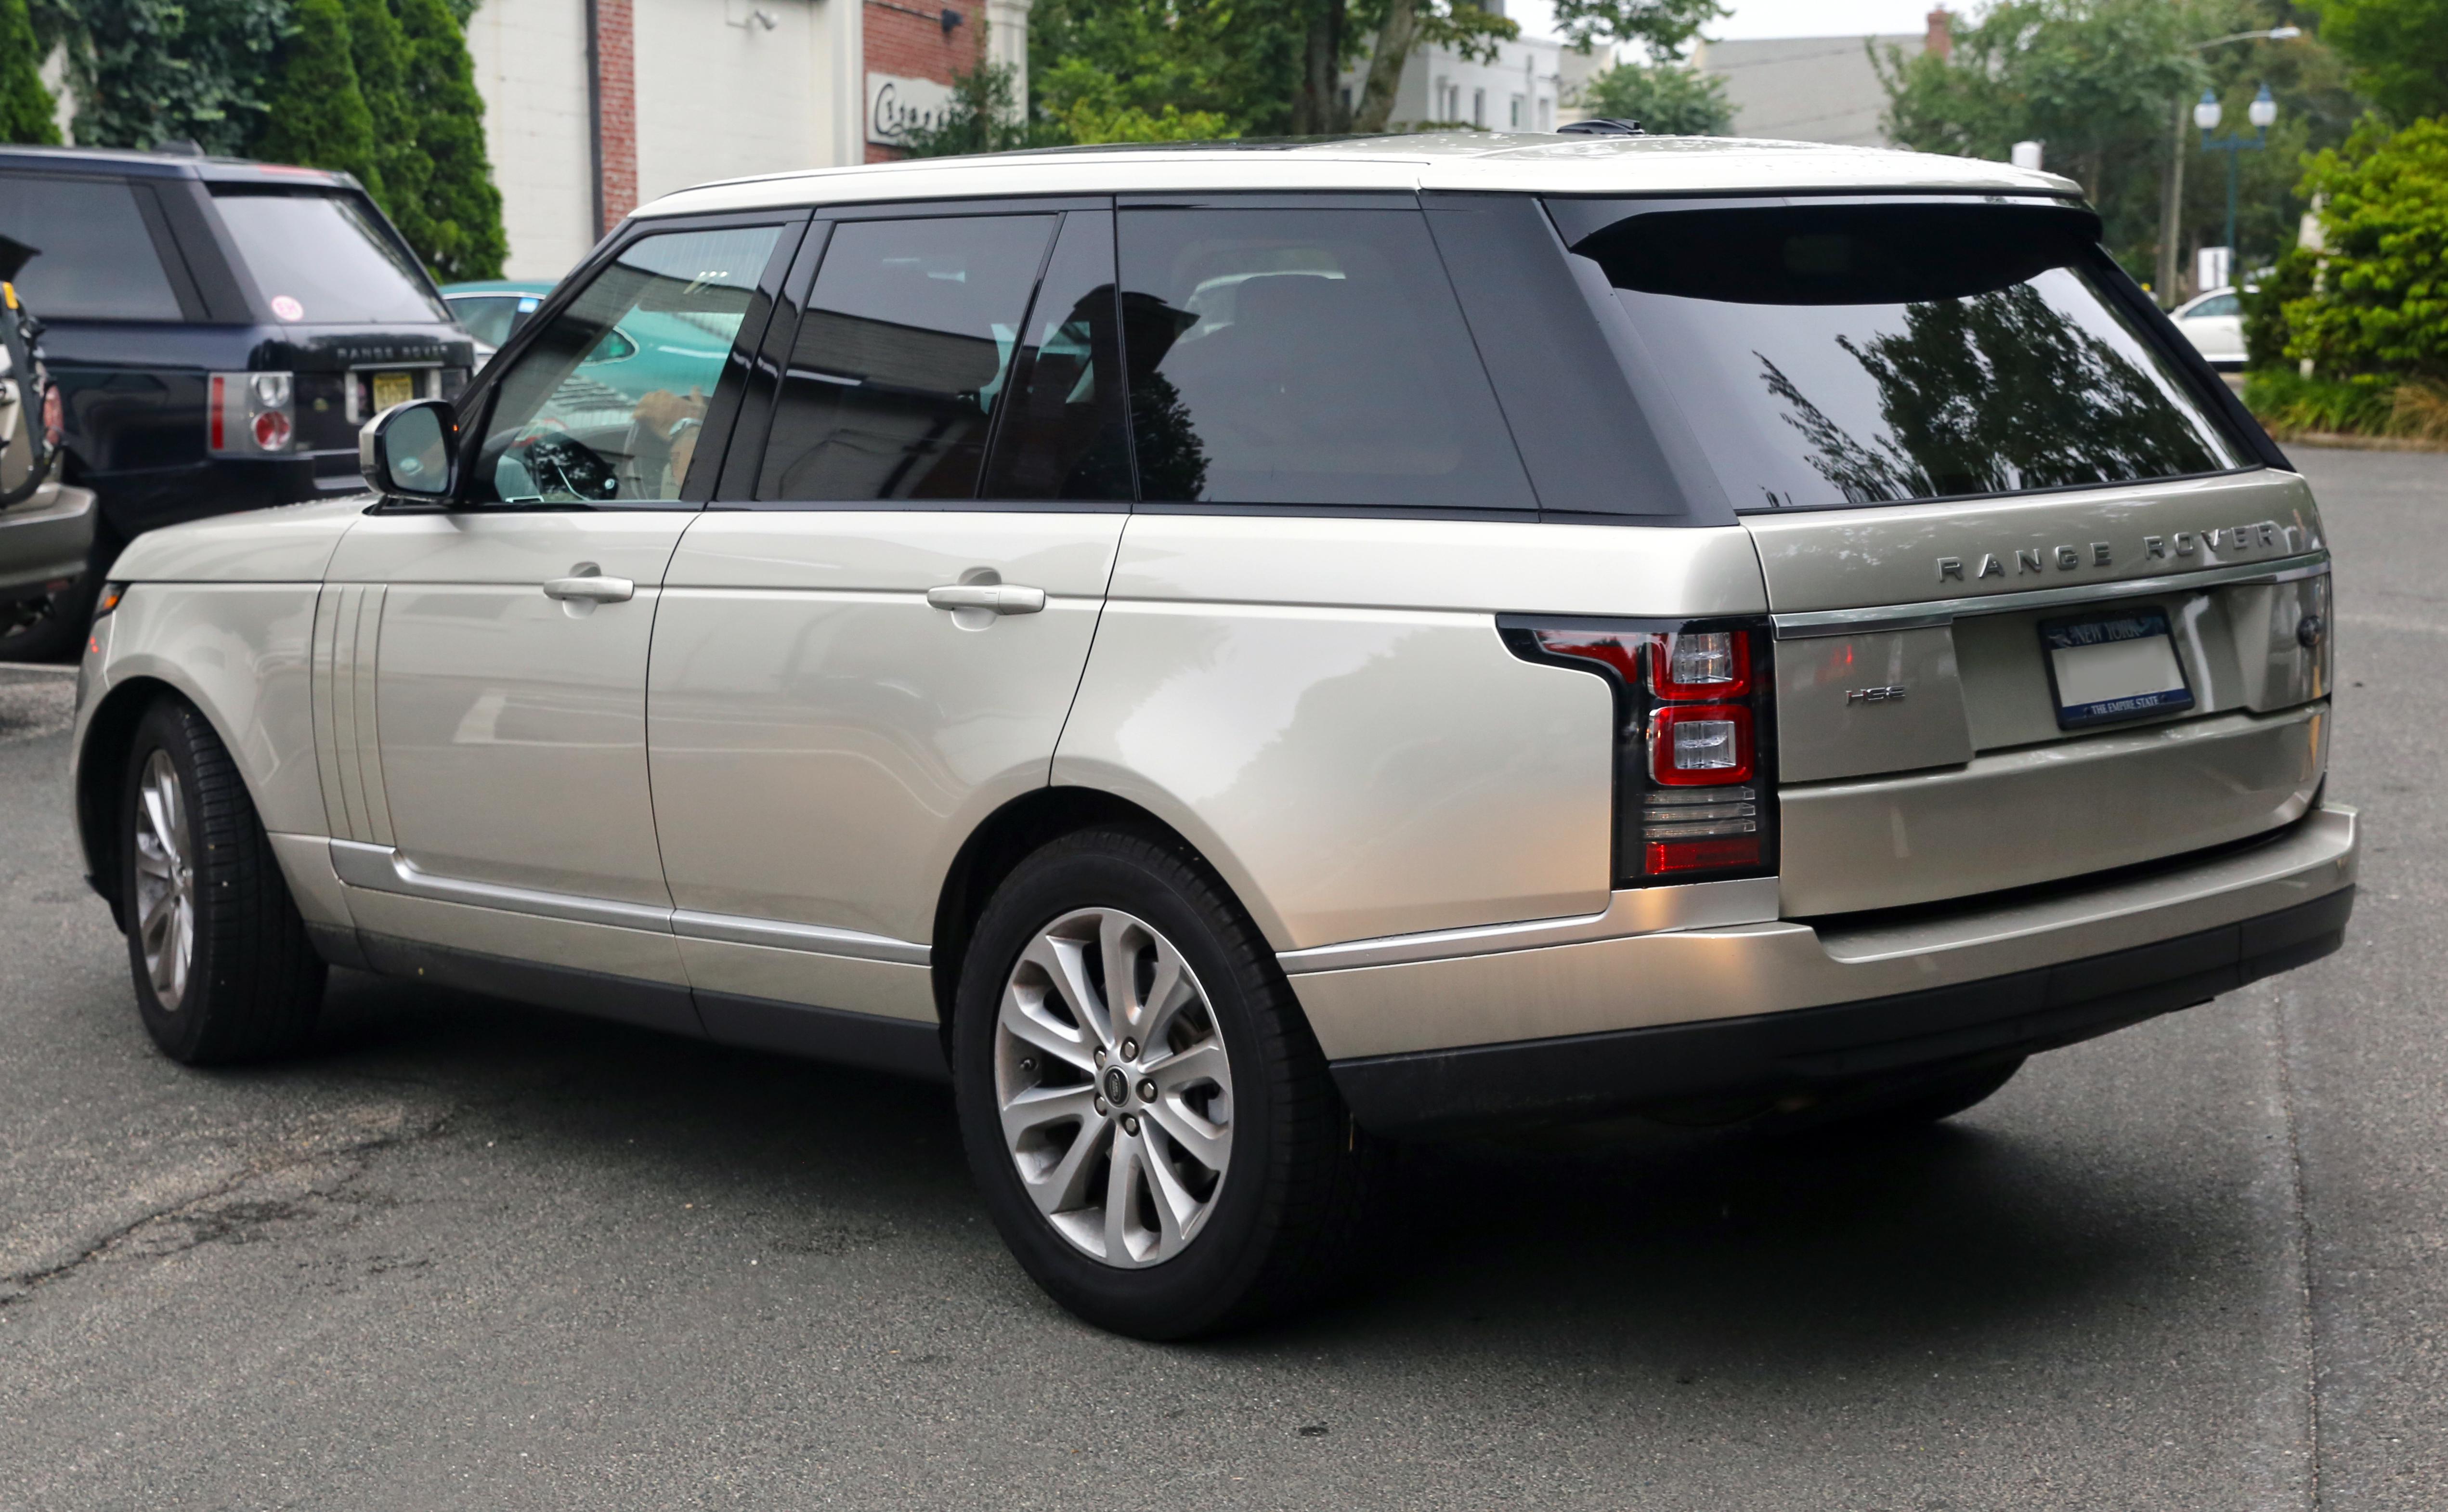 Details zu L320 Range Rover Sport FUEL COOLER PIB500052 spiele bet365 schlitz bet365 karrieren gibraltar Radiator ...